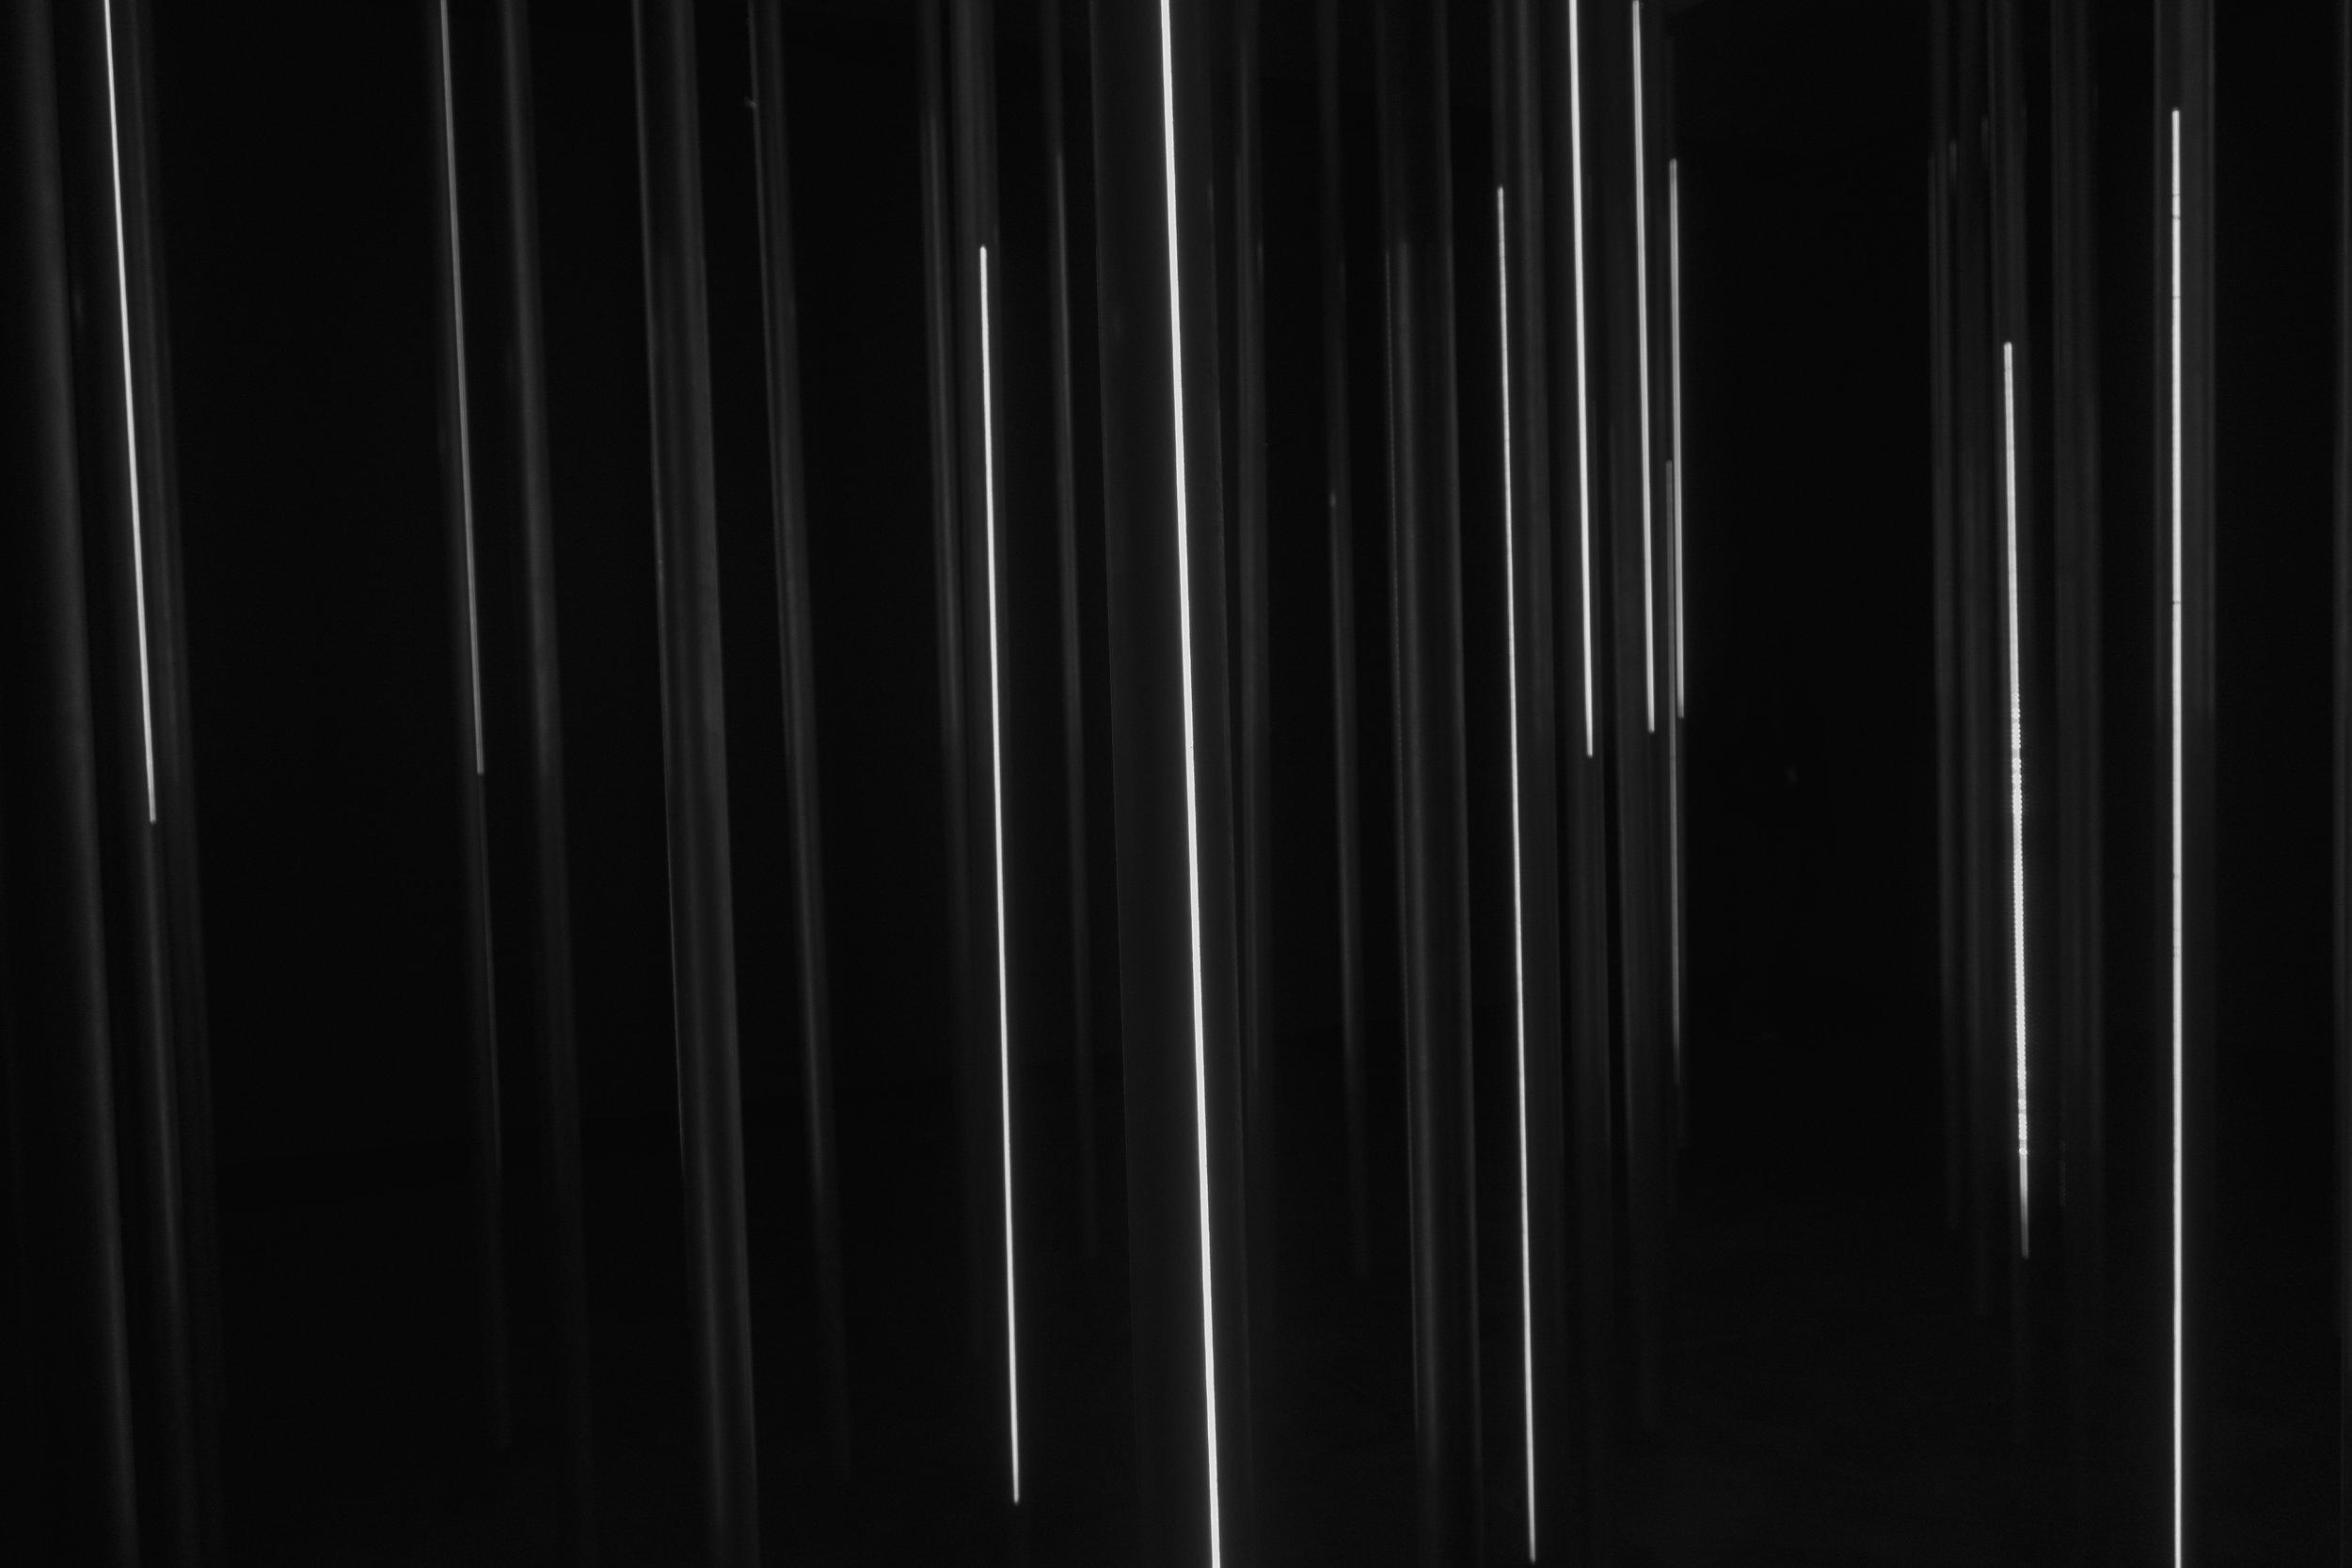 Lichtregen (Light Rain, (1966; recreated in 2018) Günther Uecker